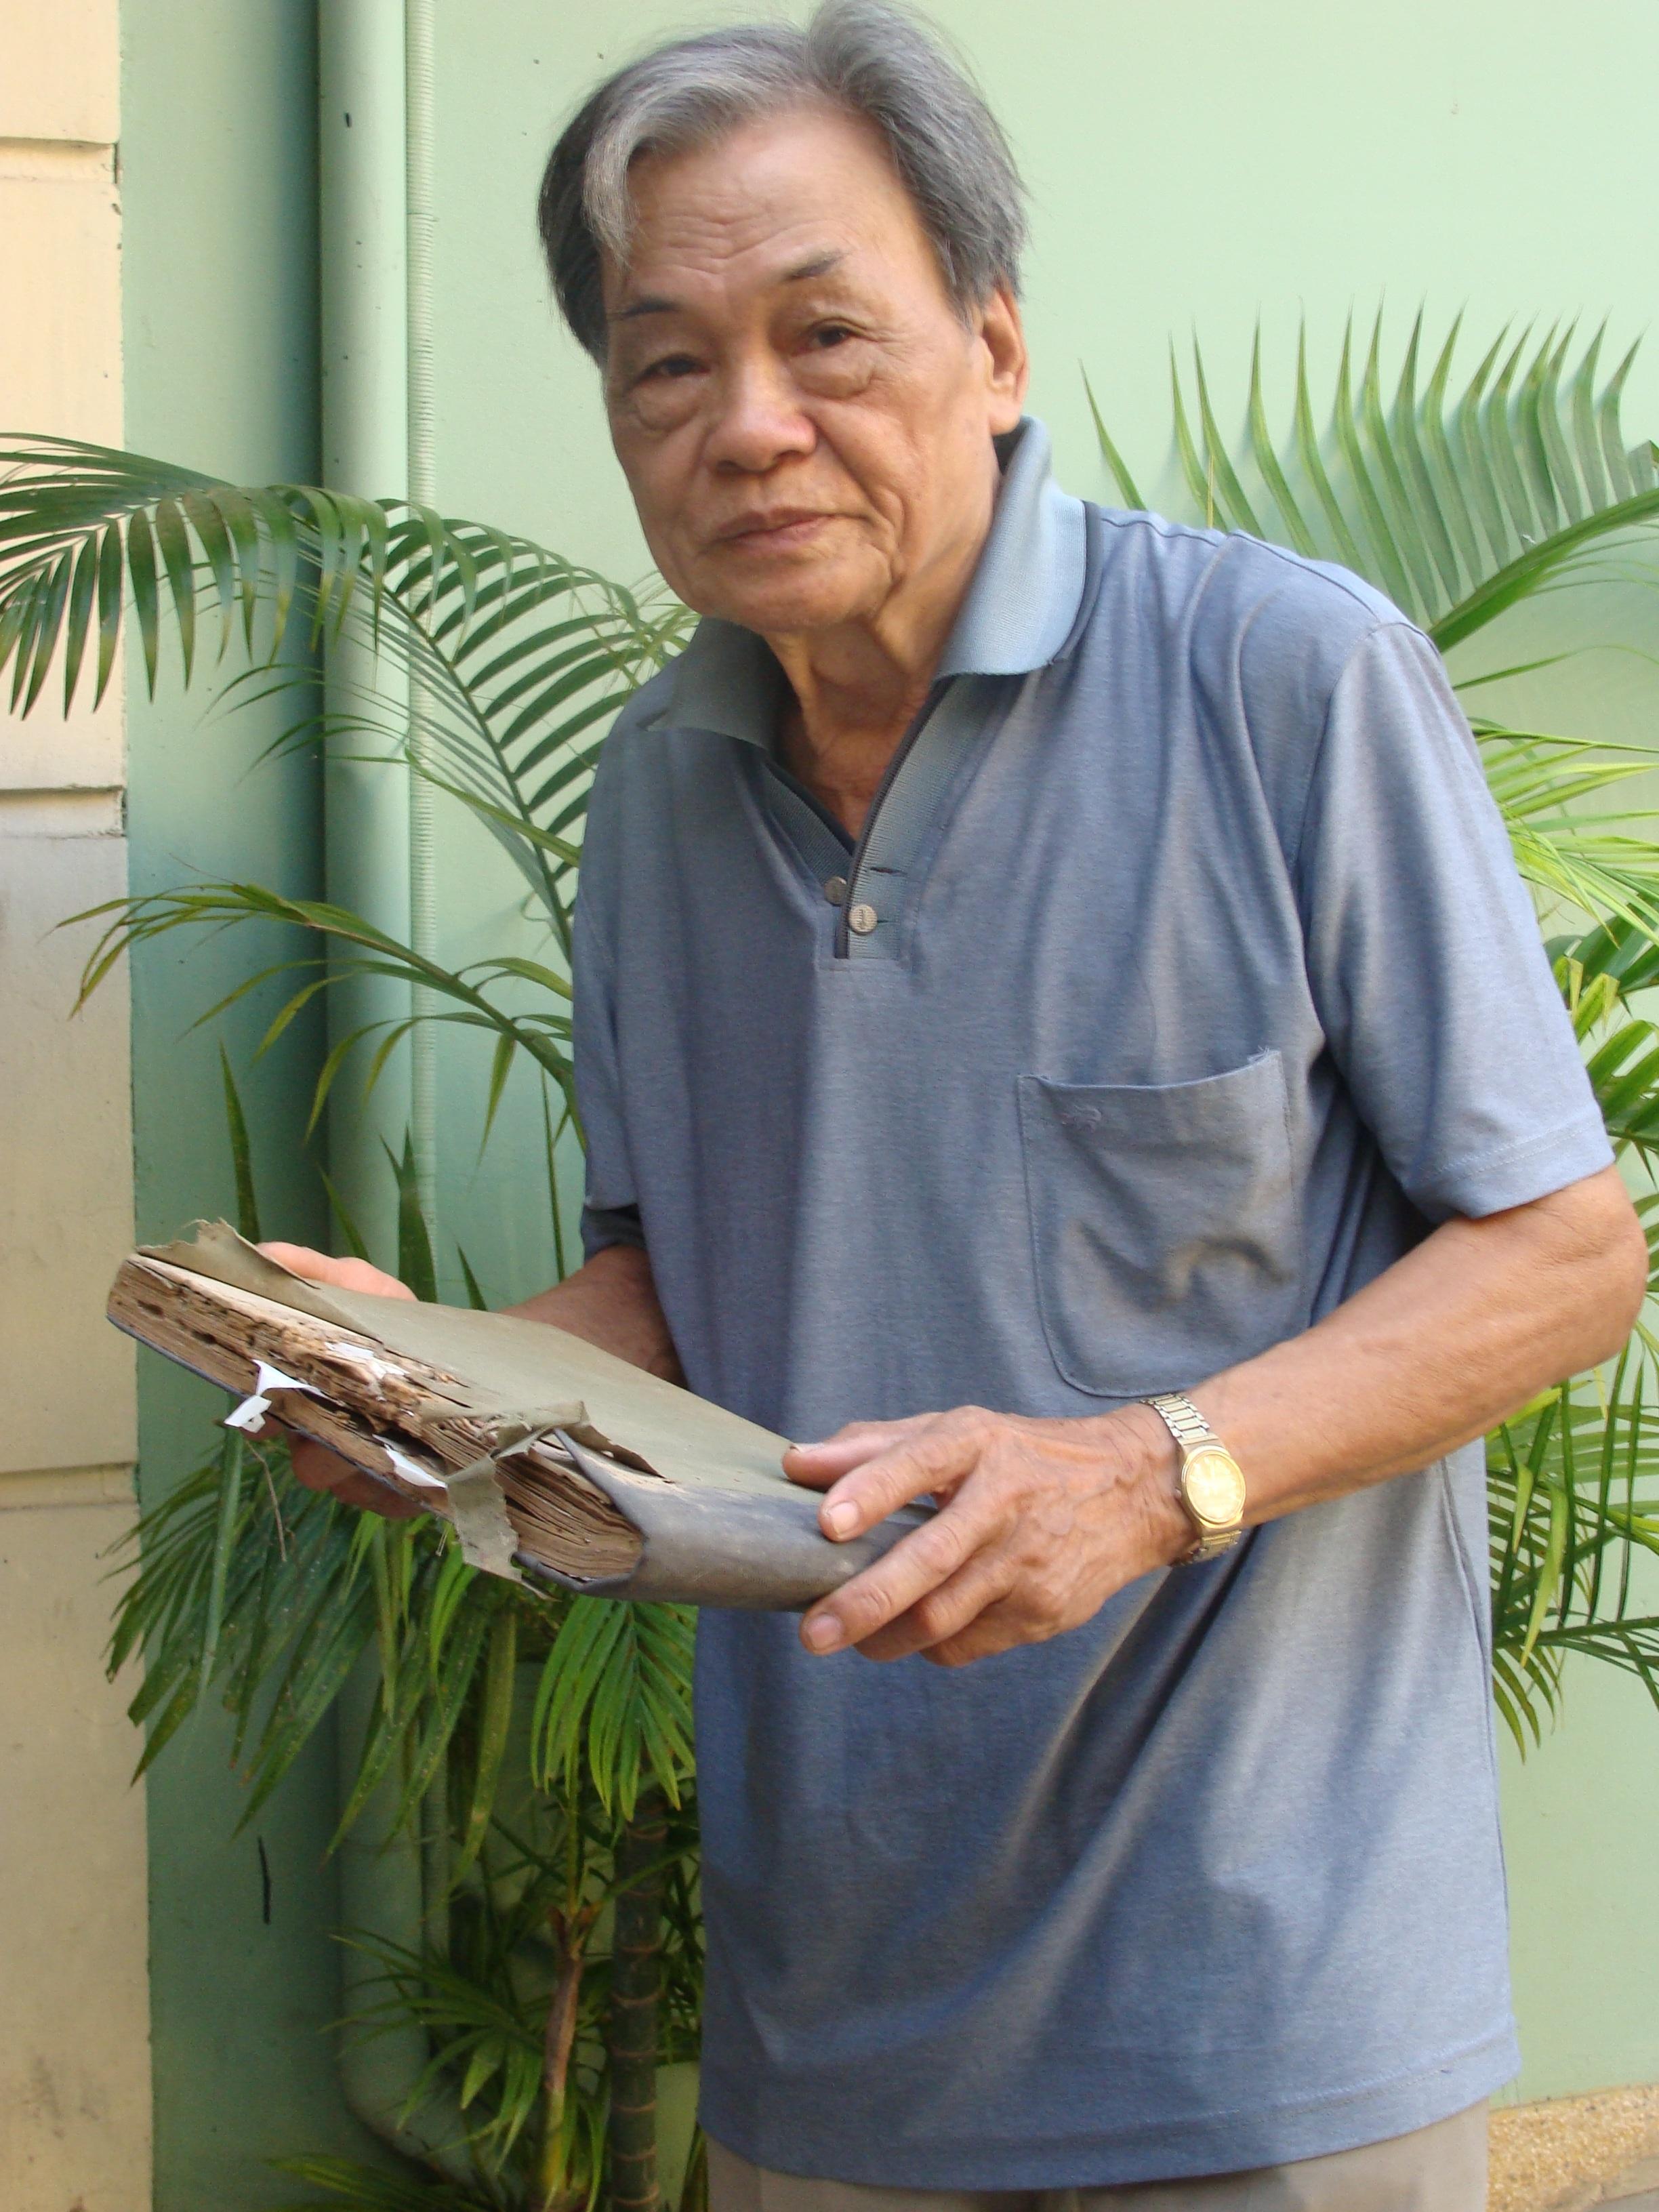 Người nghệ sỹ tuổi 90 bên tập bản thảo các bài hát mà ông từng thể hiện. Ảnh: HTL.